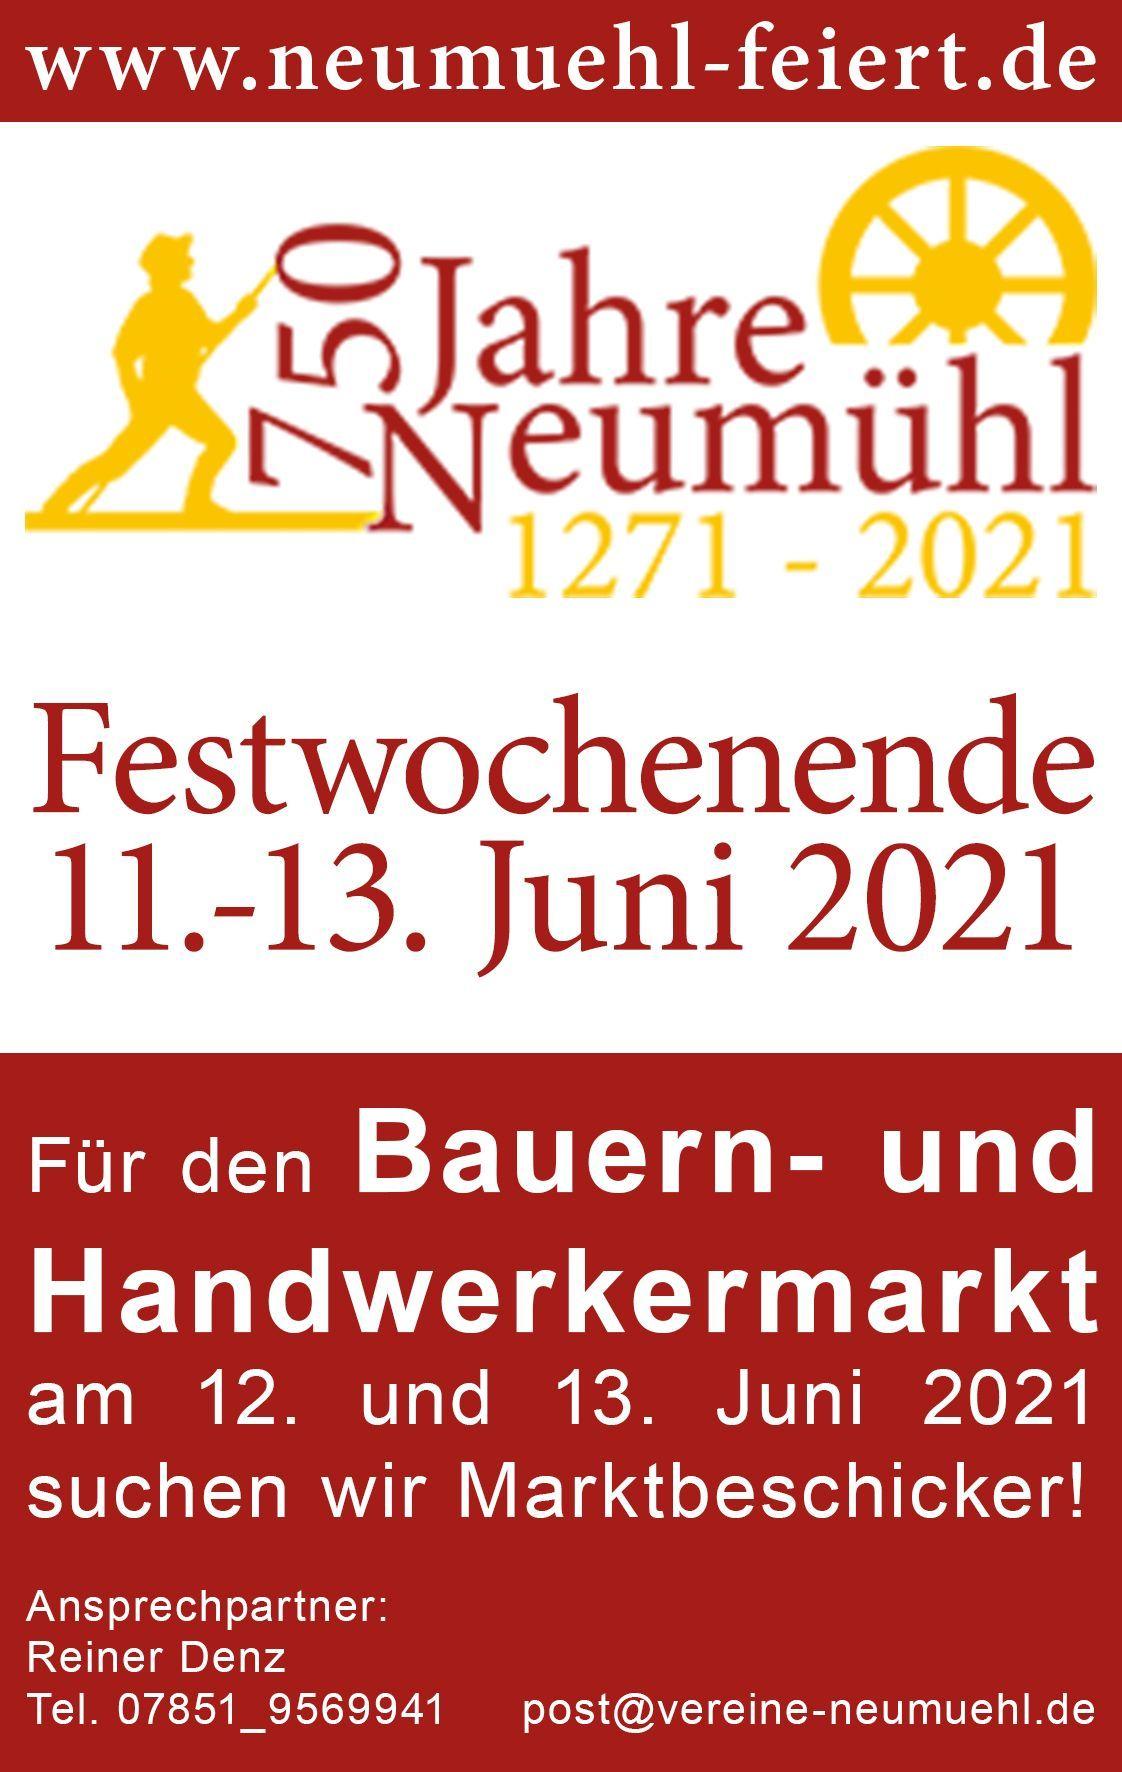 Bauern- und Handwerkermarkt | Neumühl Online